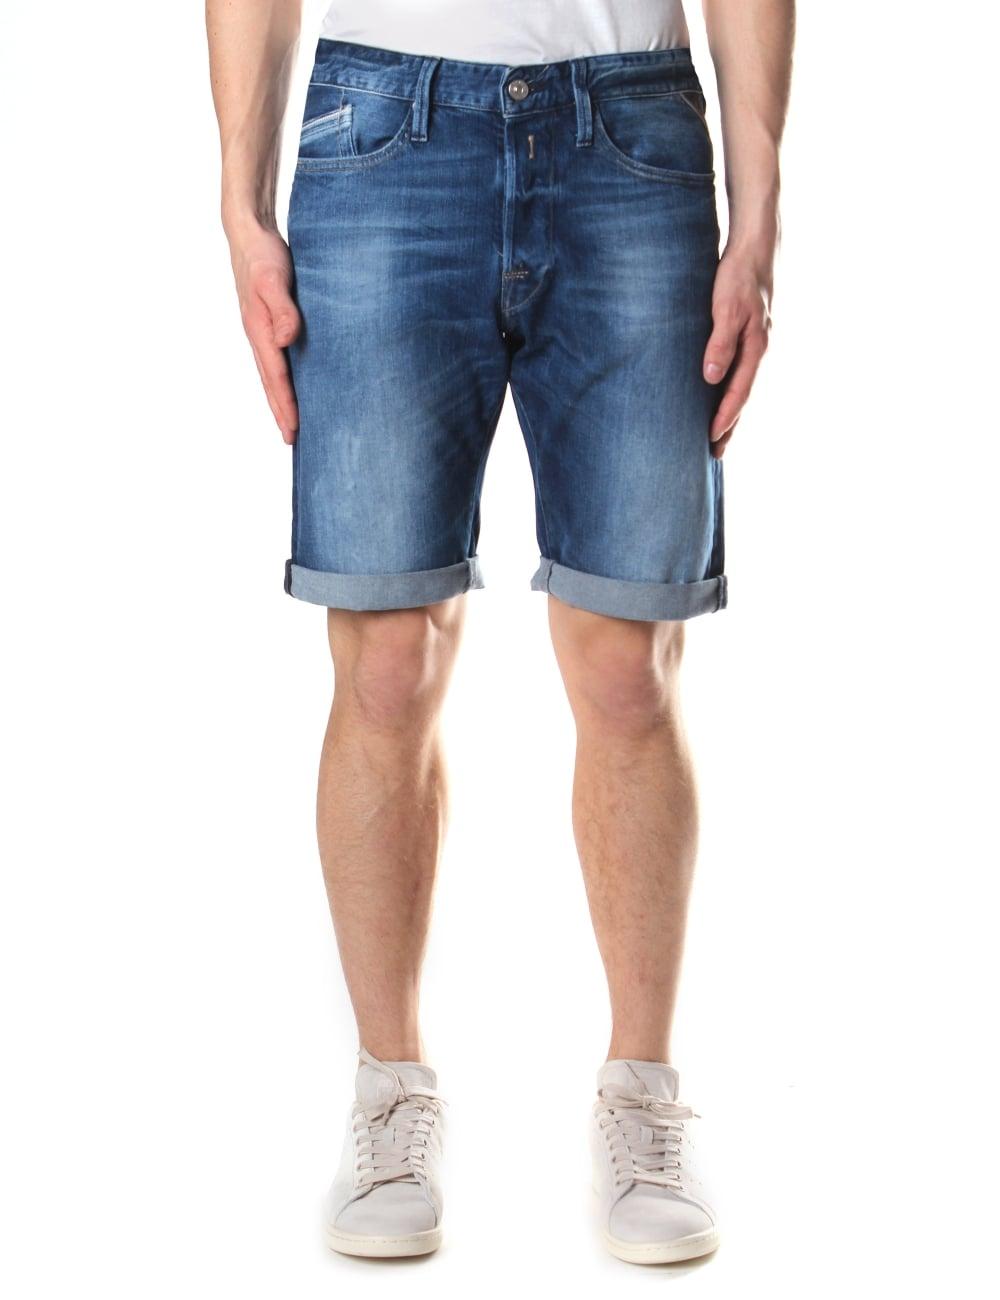 offiziell große Auswahl an Farben und Designs heiße Angebote Replay Men's Waitom Regular Slim Fit Shorts